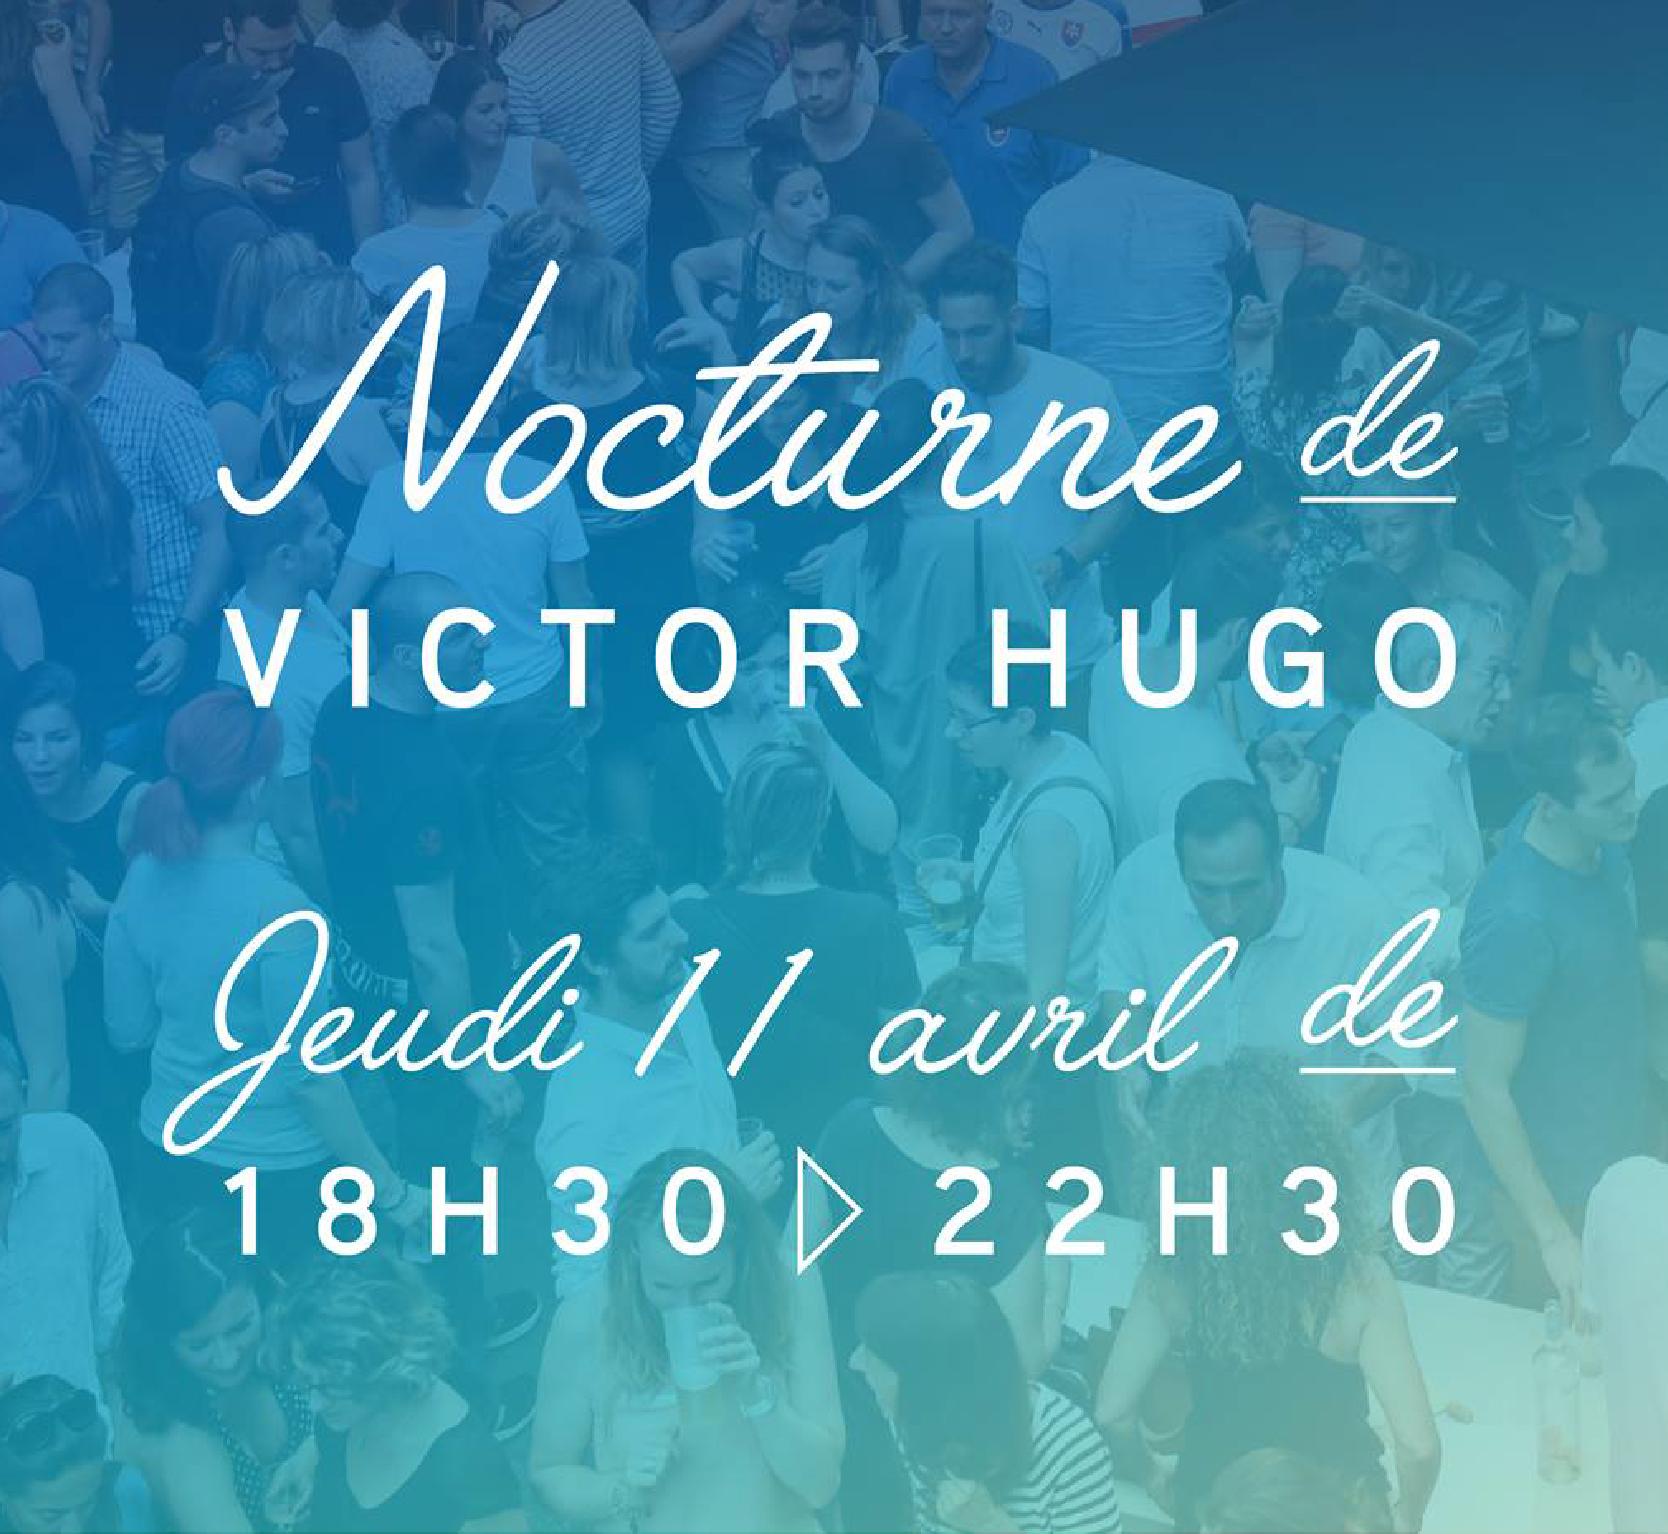 Nocturne Victor Hugo